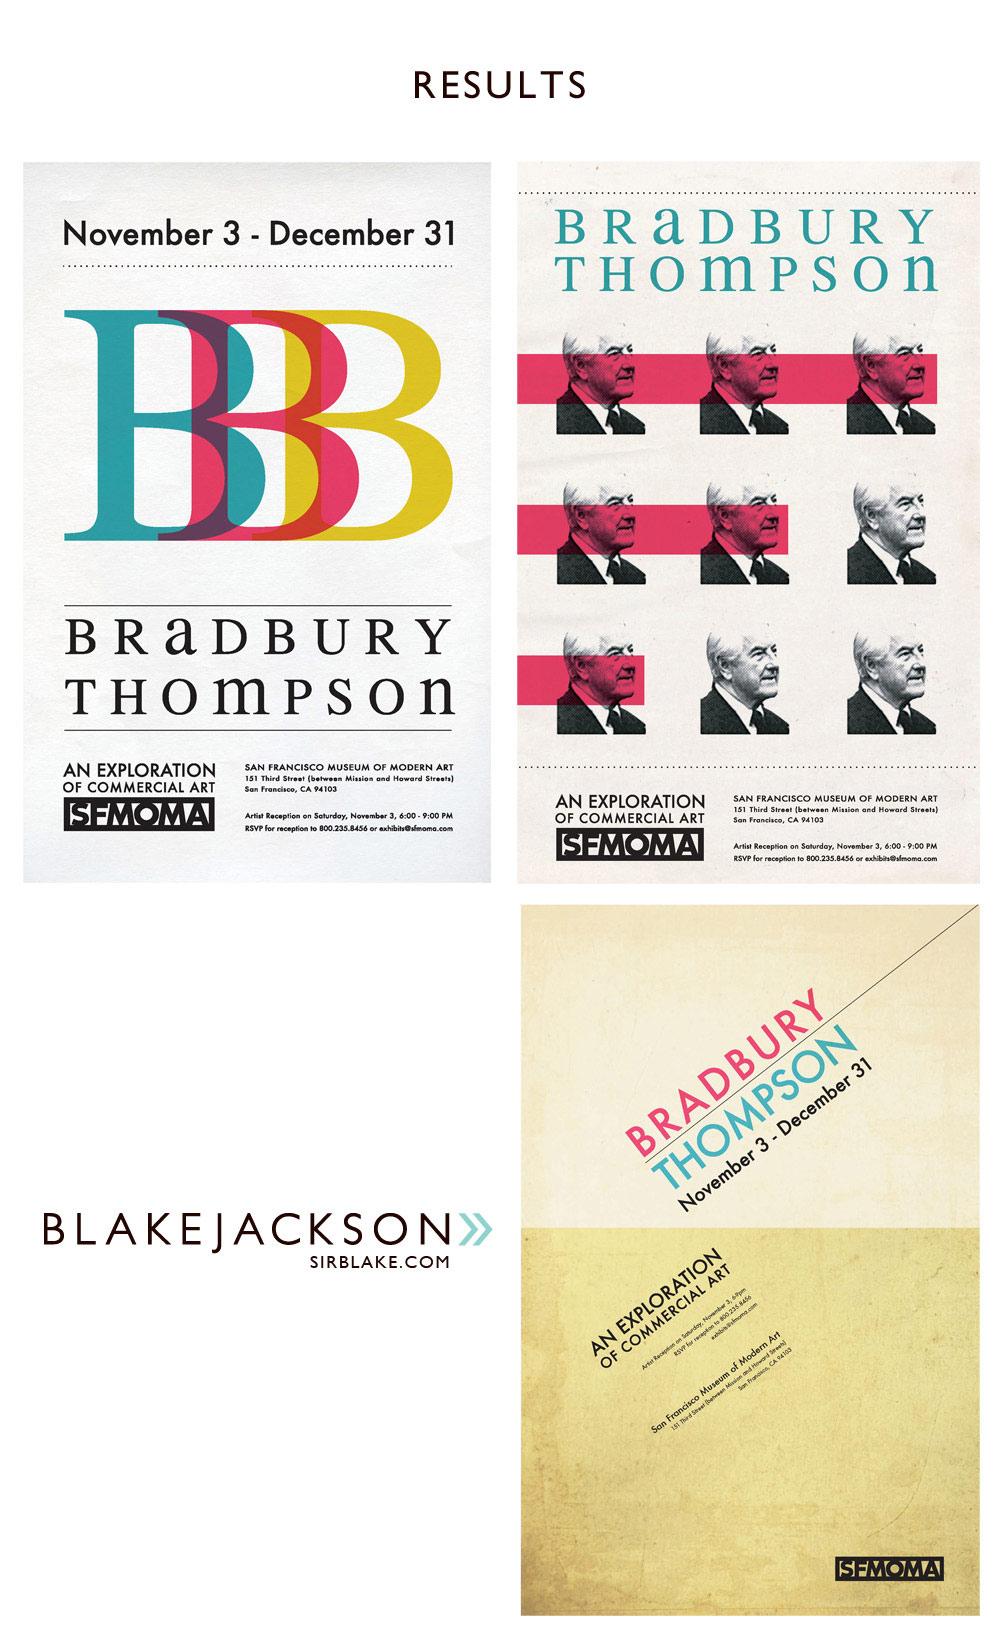 Blake Jackson Creative | Advertising (5)